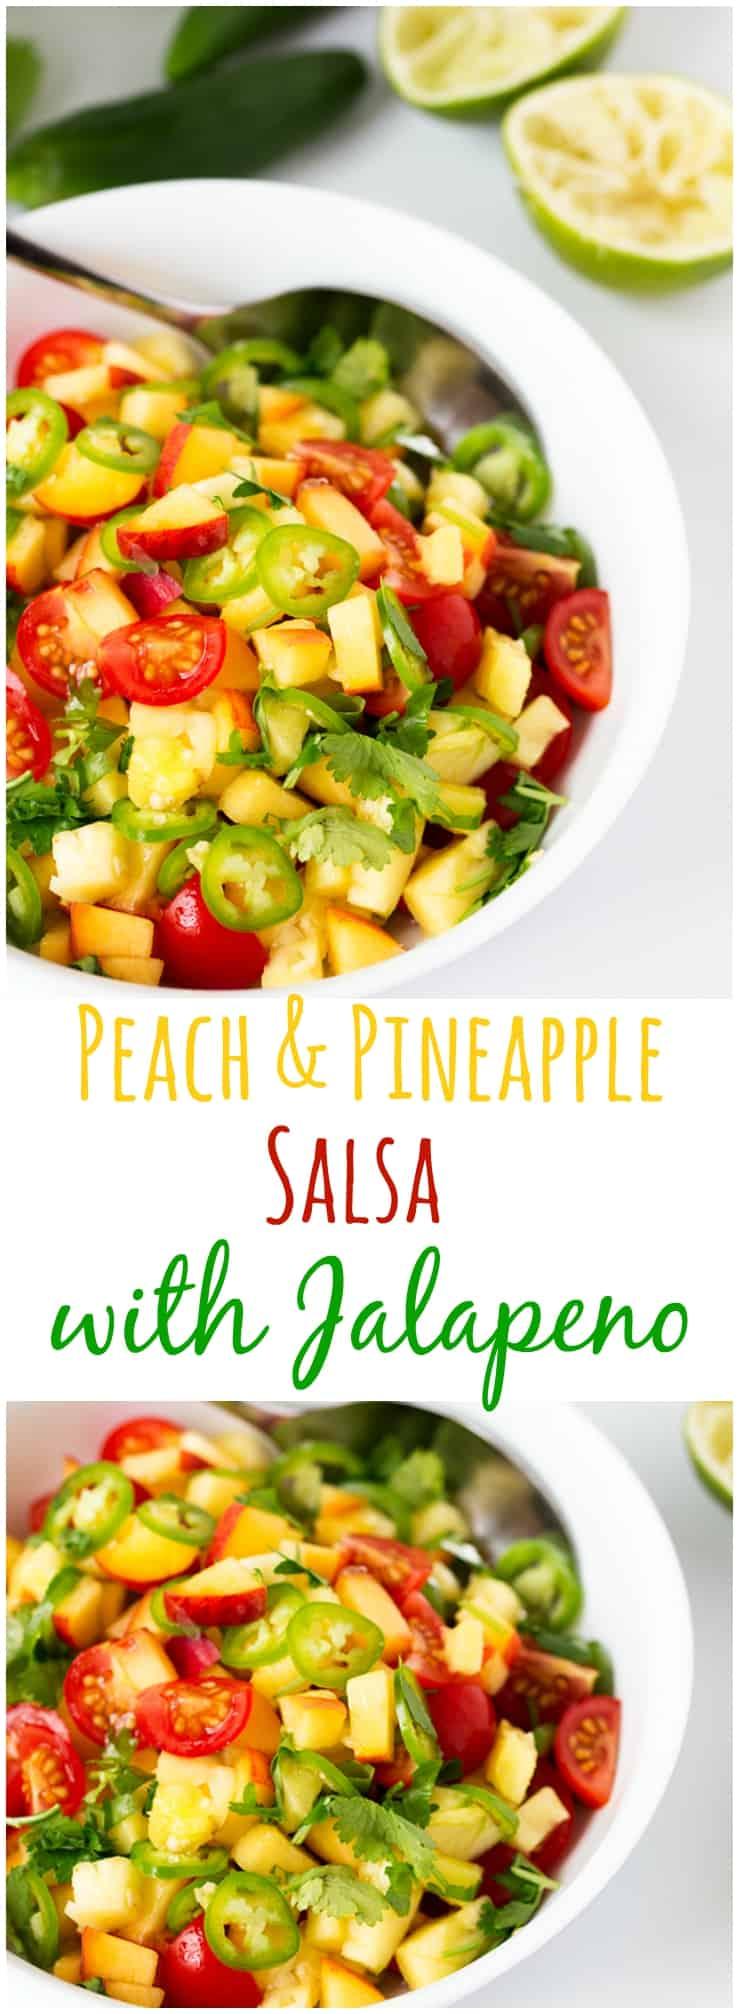 Peach and Pineapple Salsa with a Jalapeño kick.